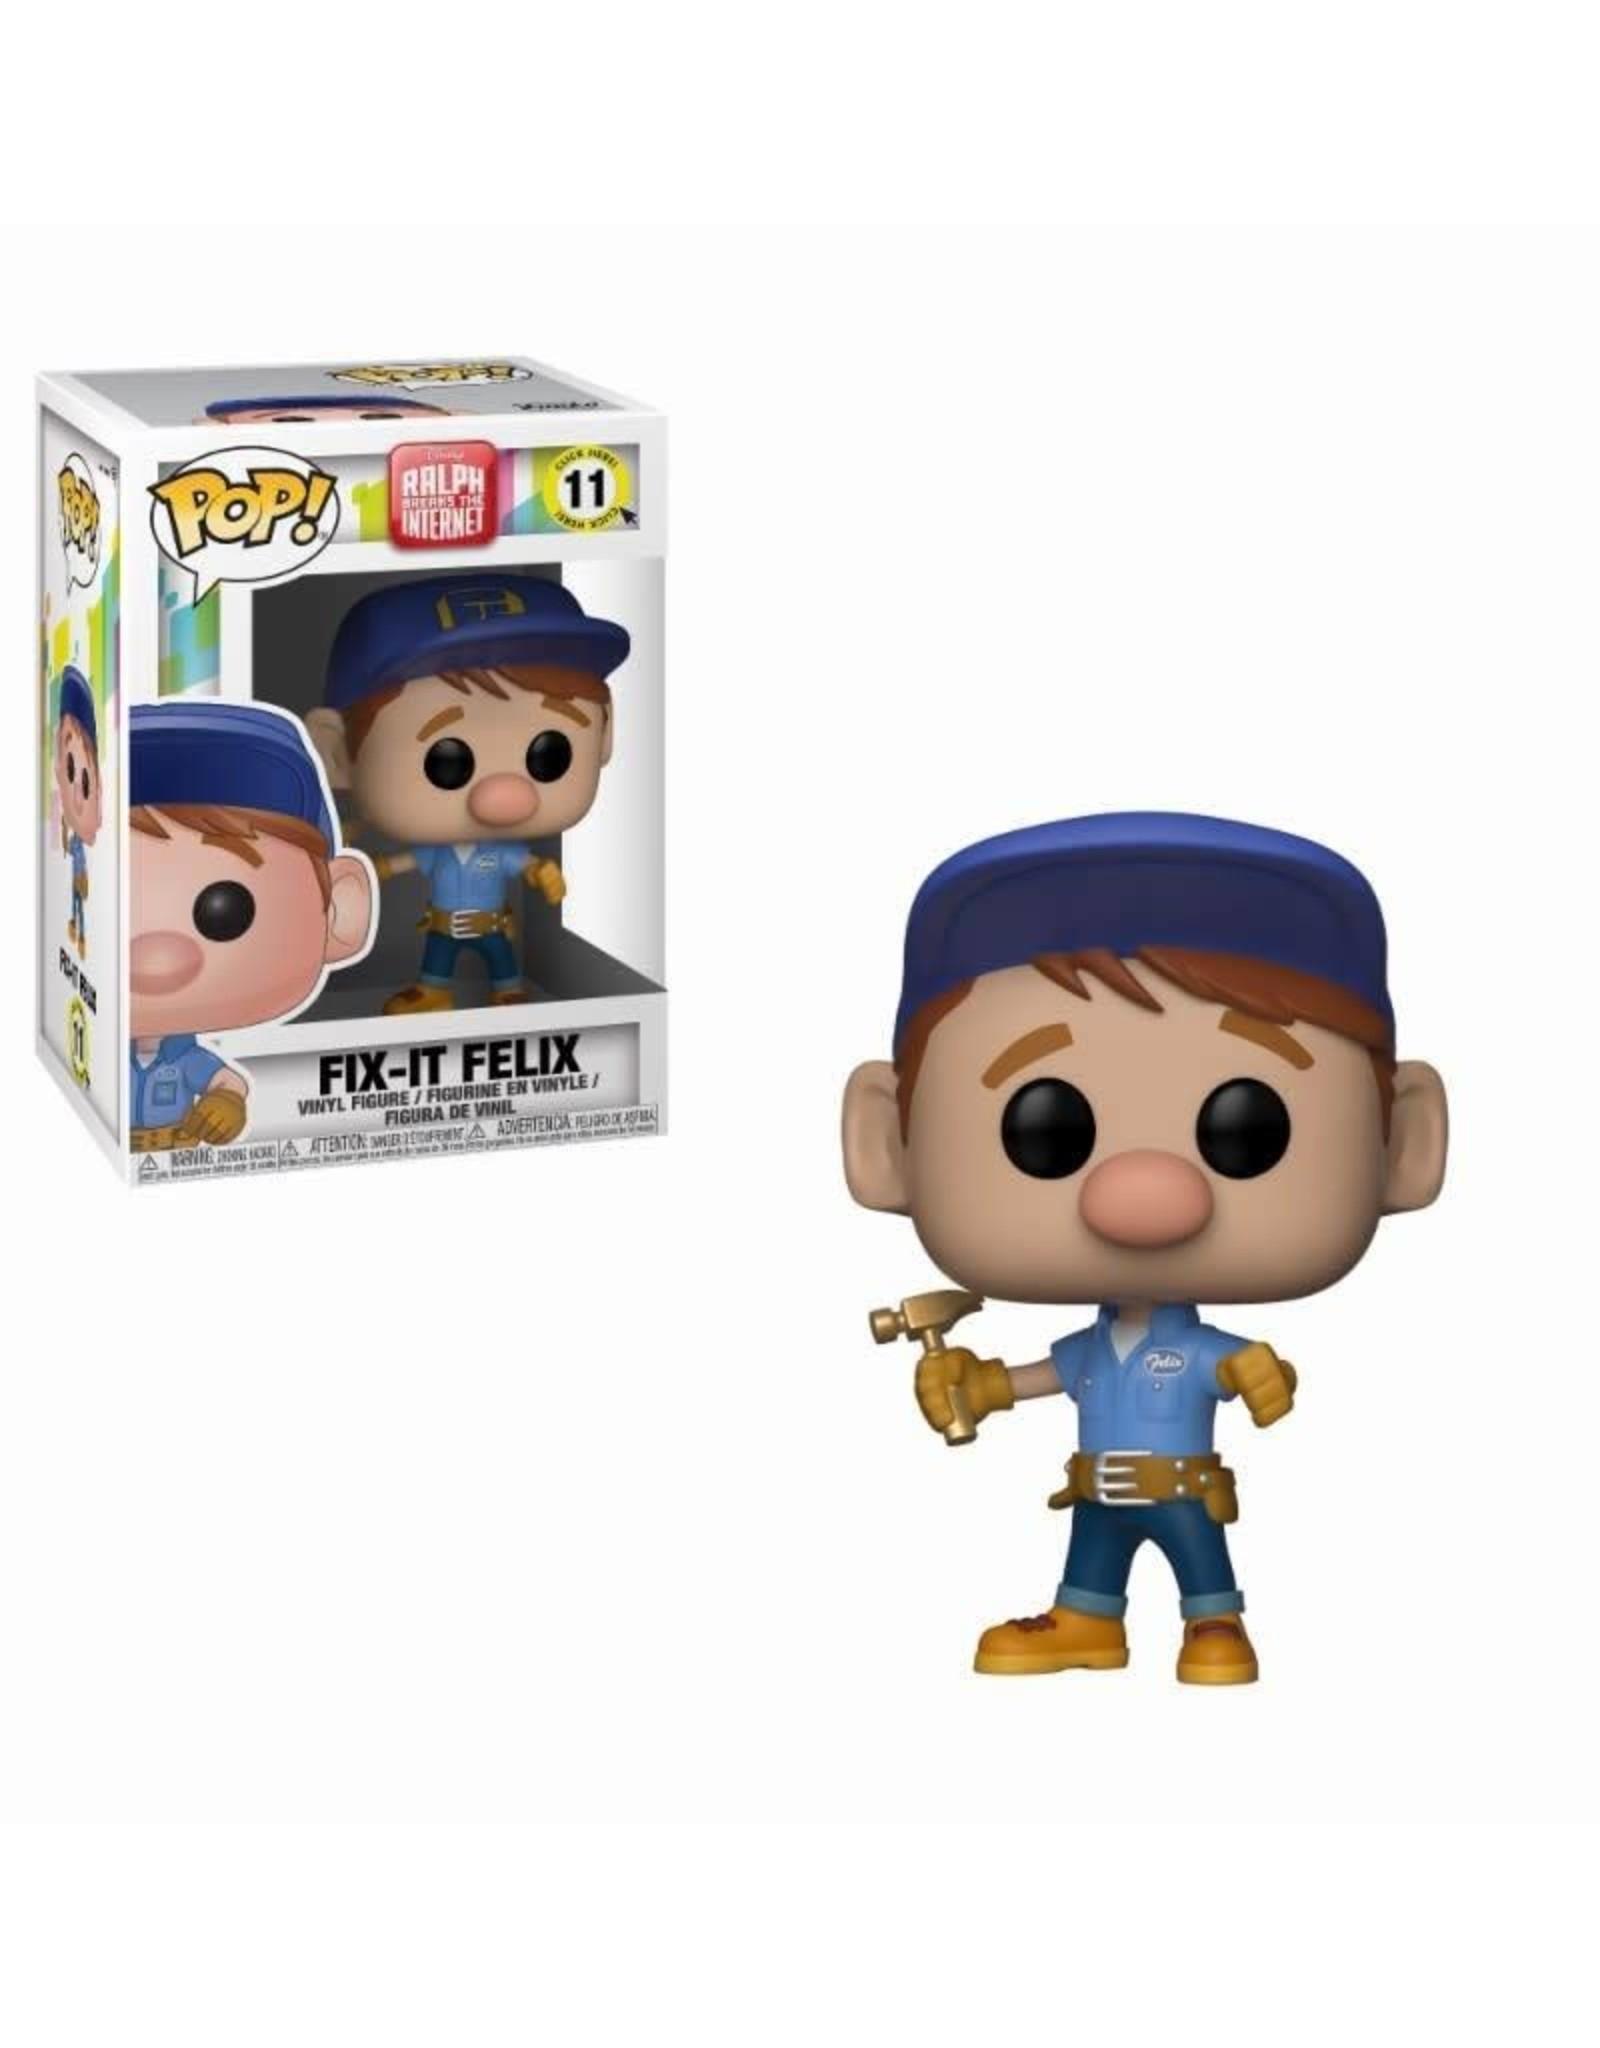 WRECK IT RALPH 2 - Bobble Head POP N° 11 - Fix It Felix